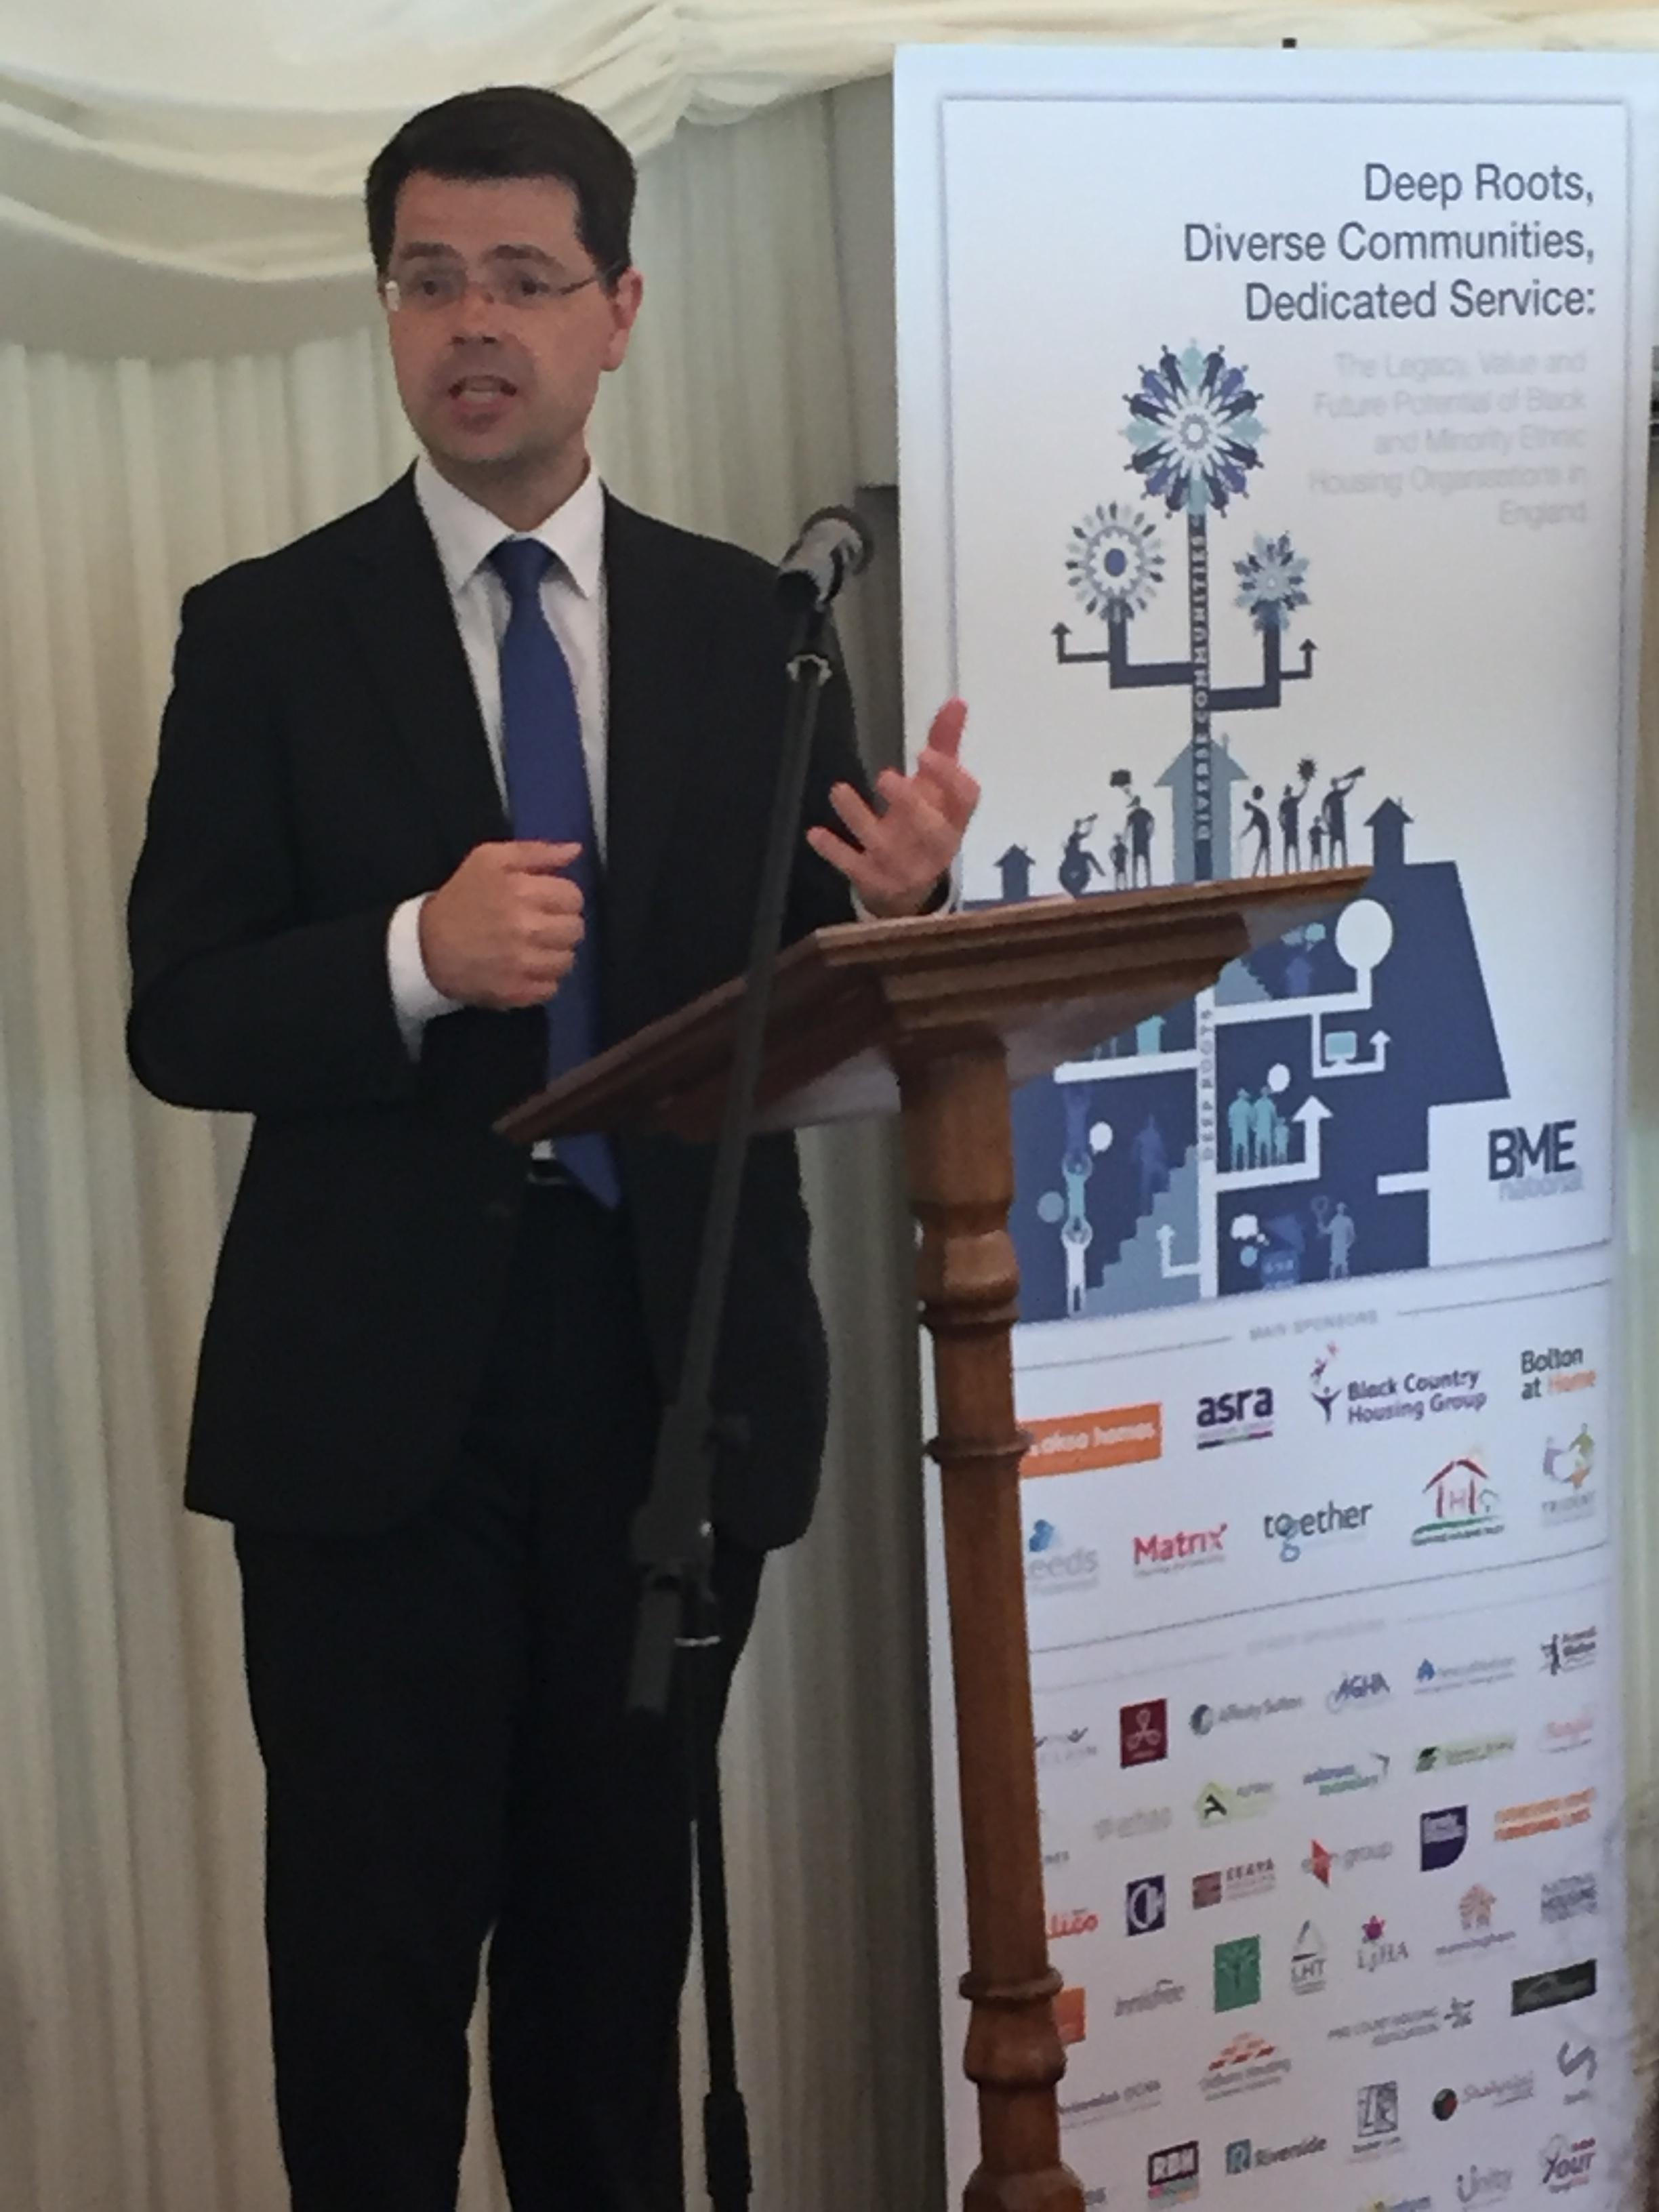 James Brokenshire at the BME National celebration event